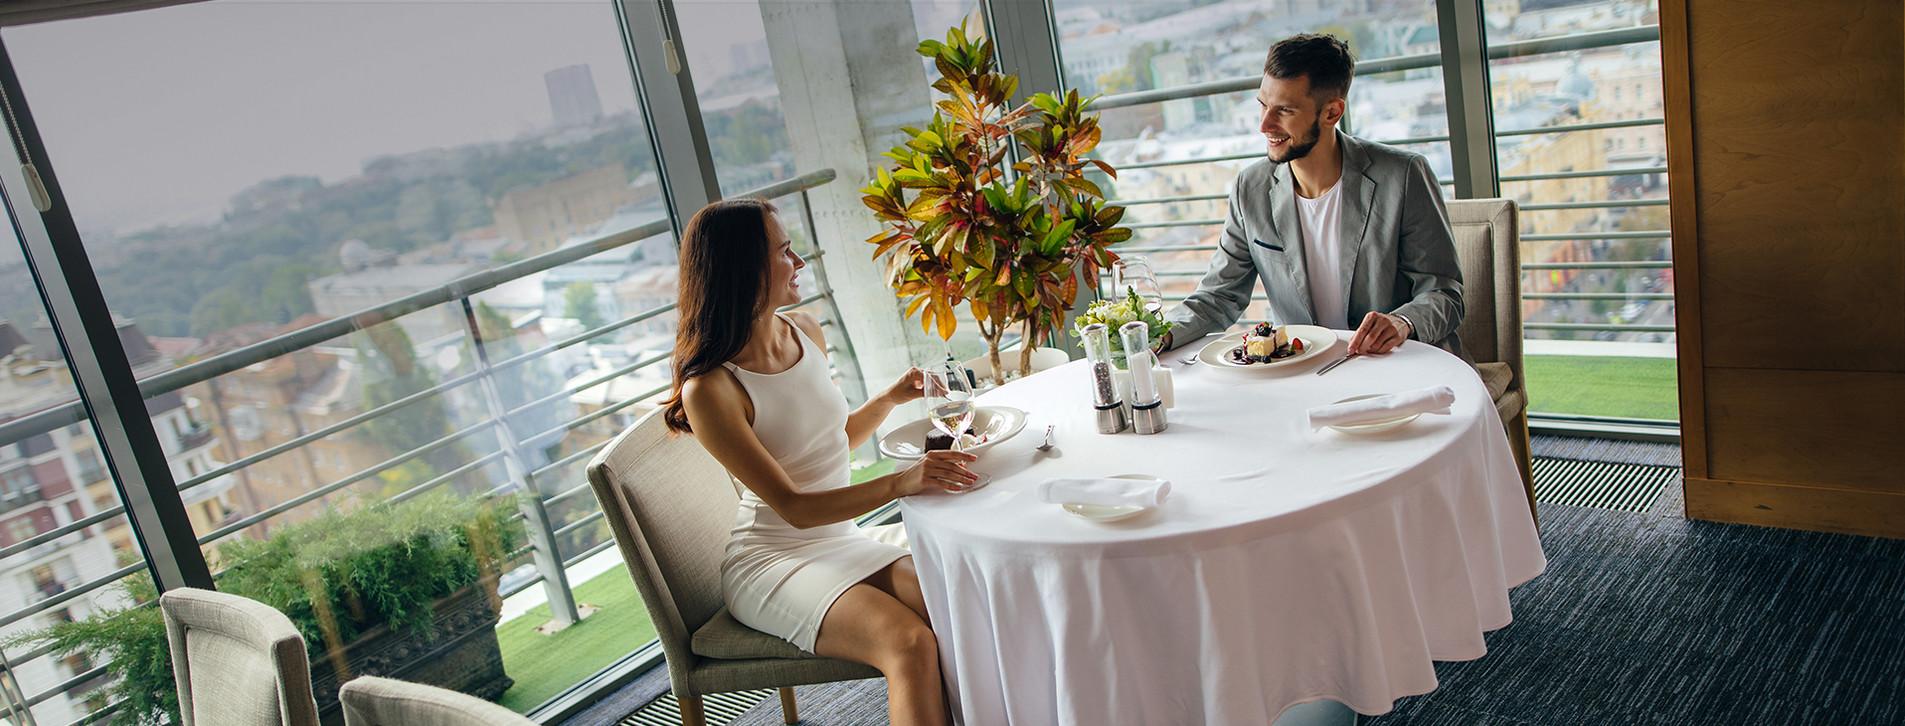 Фото 1 - Ужин в ресторане с панорамным видом